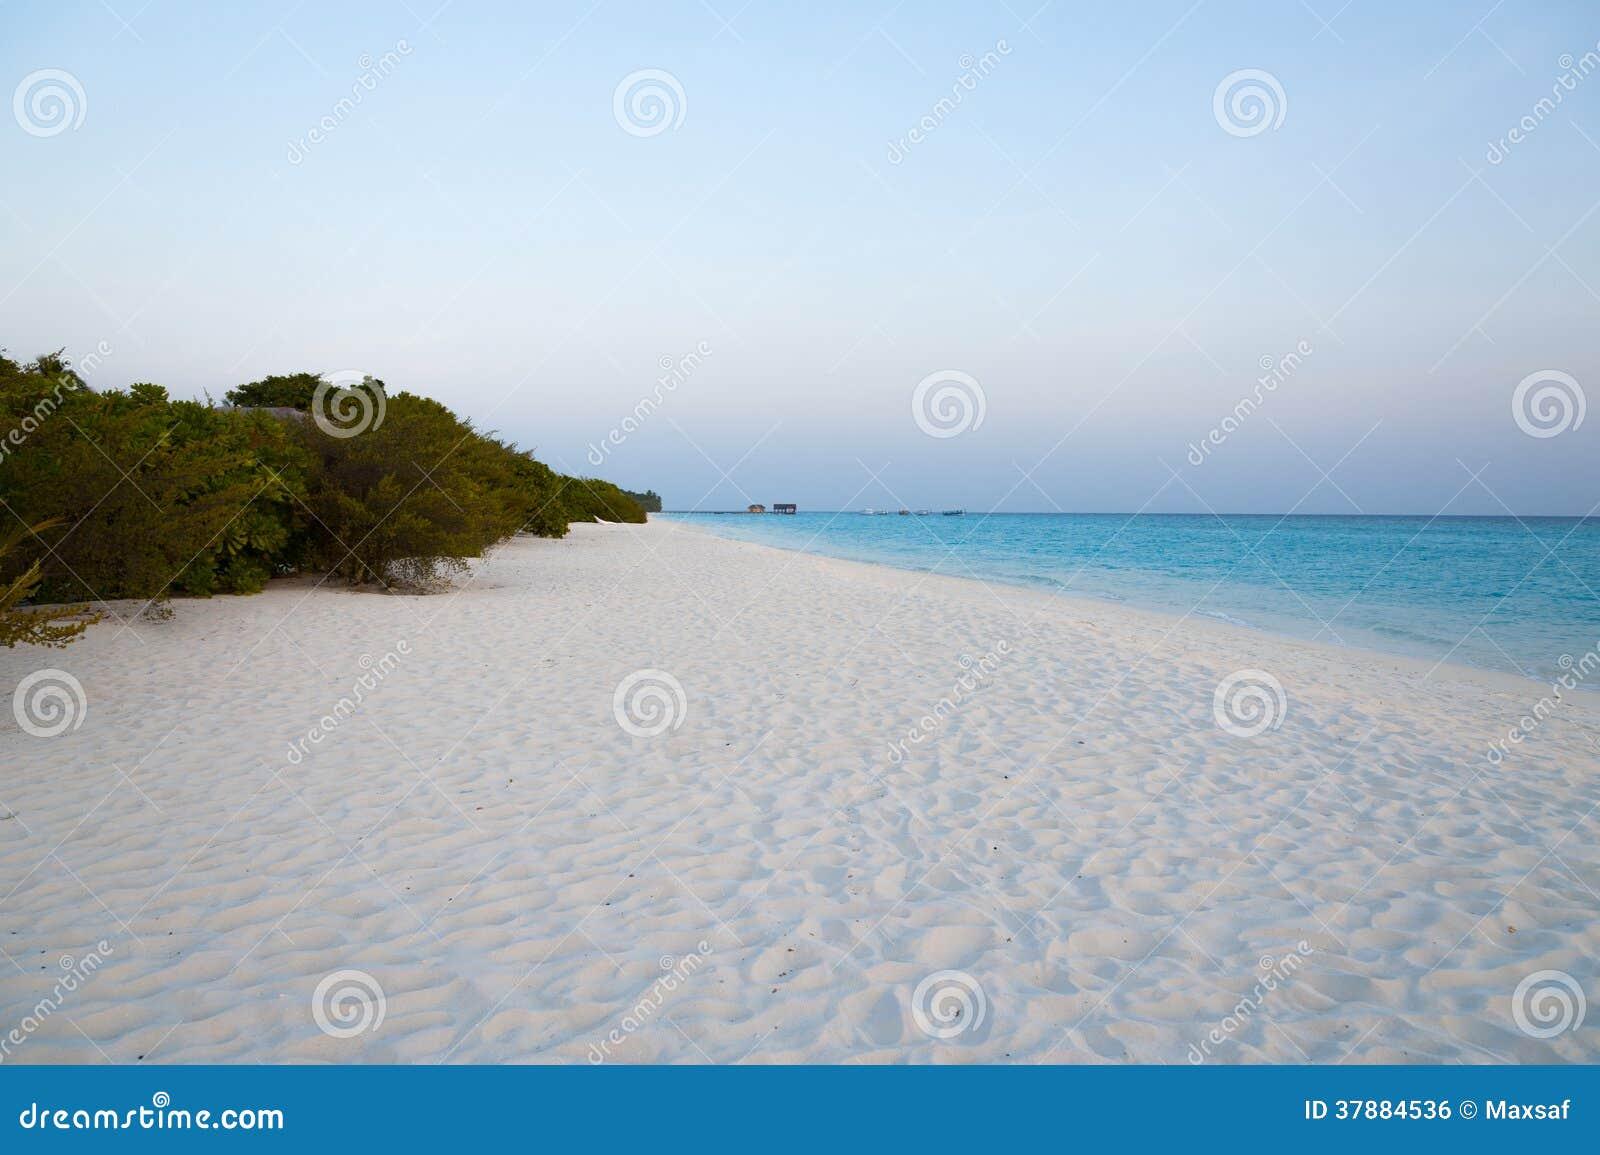 Mooi landschap met oceaan en wit zand op strand